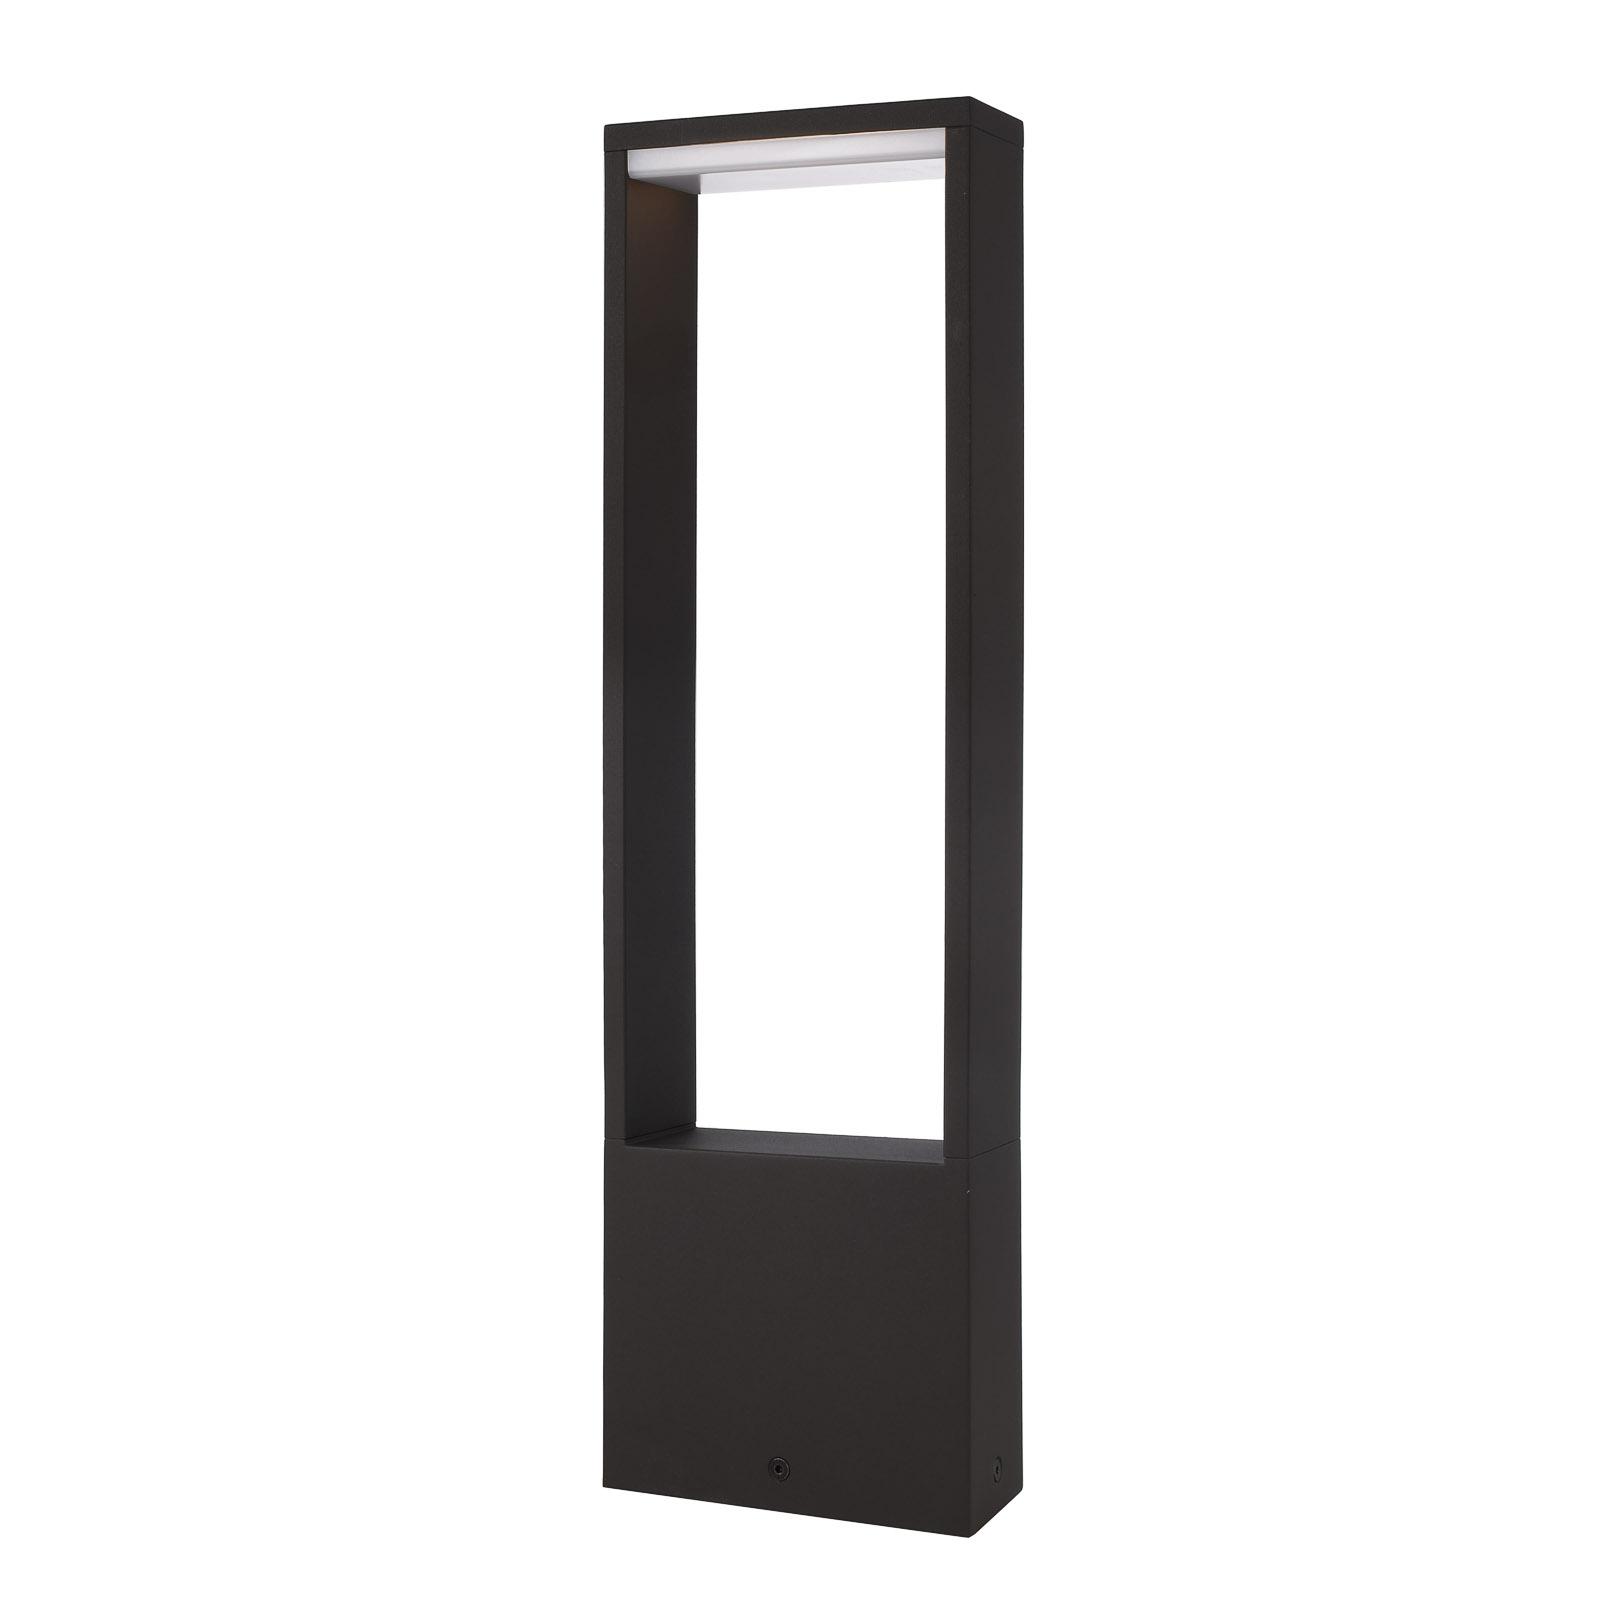 LED-Sockelleuchte Cata IV, Höhe 50 cm